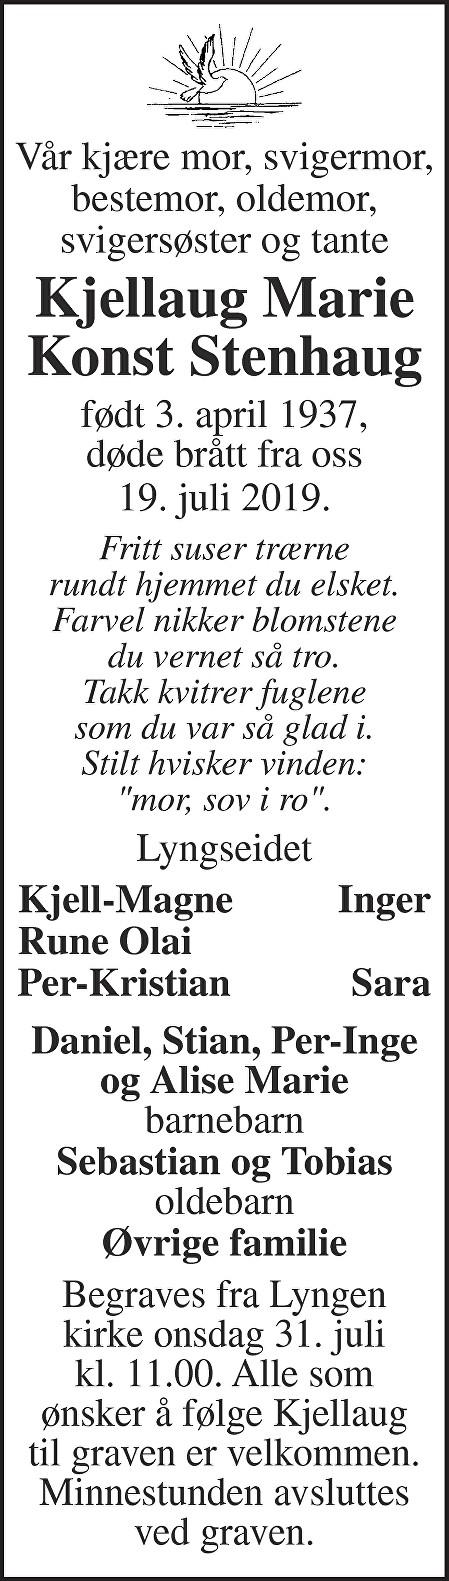 Kjellaug Marie Konst Stenhaug Dødsannonse